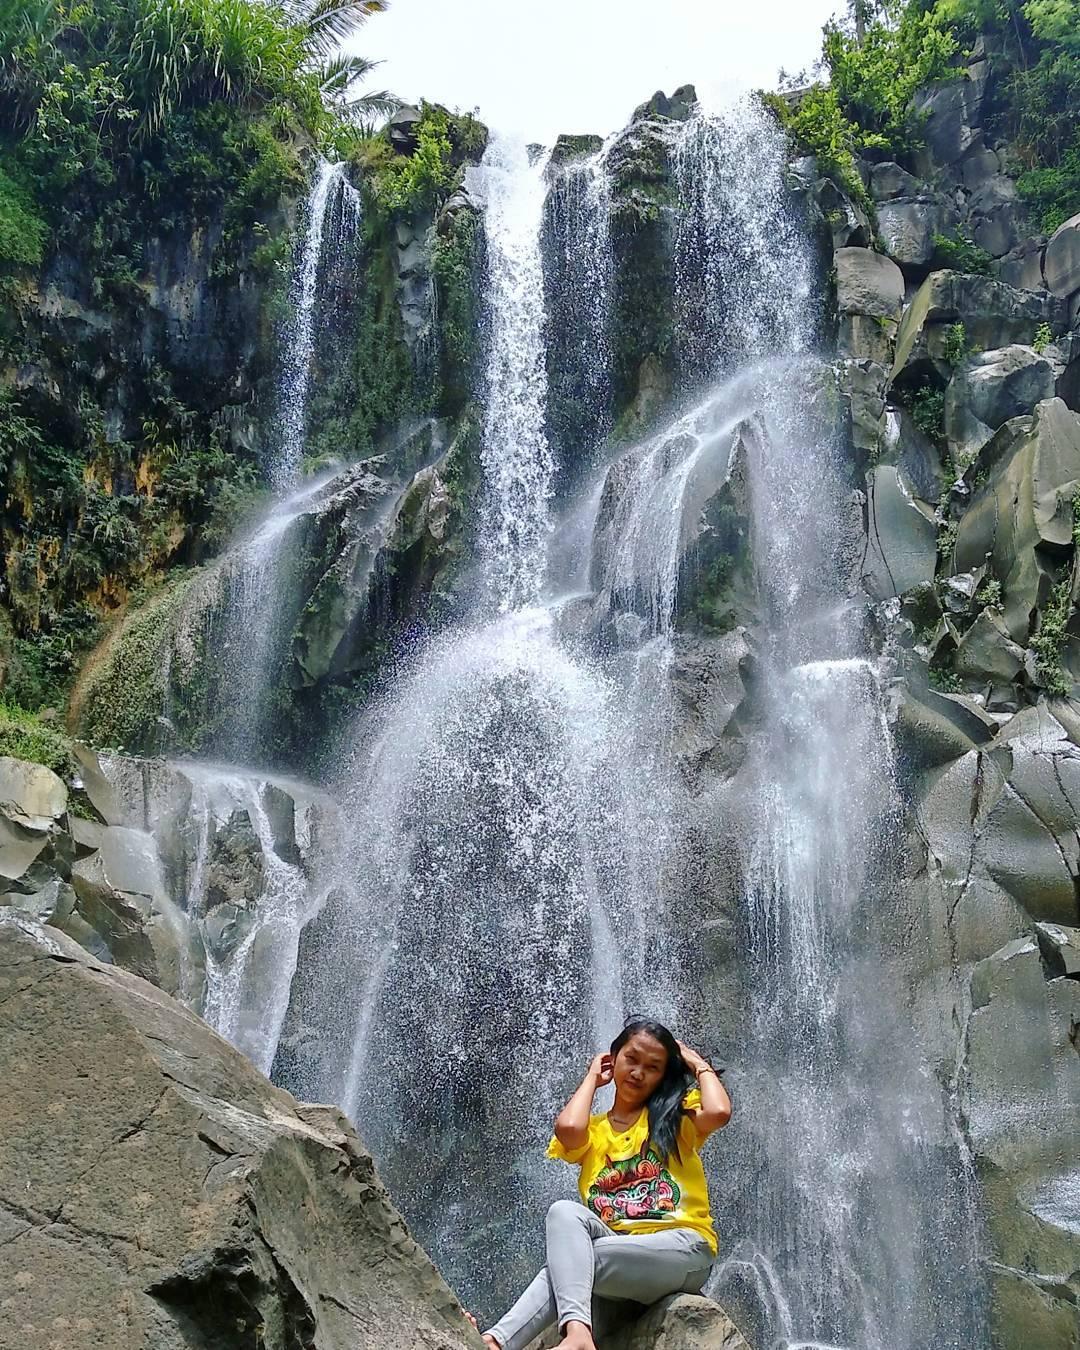 Lokasi Wisata Air Terjun Jurug Bening Blitar Kacamatawisata Image Wahyu